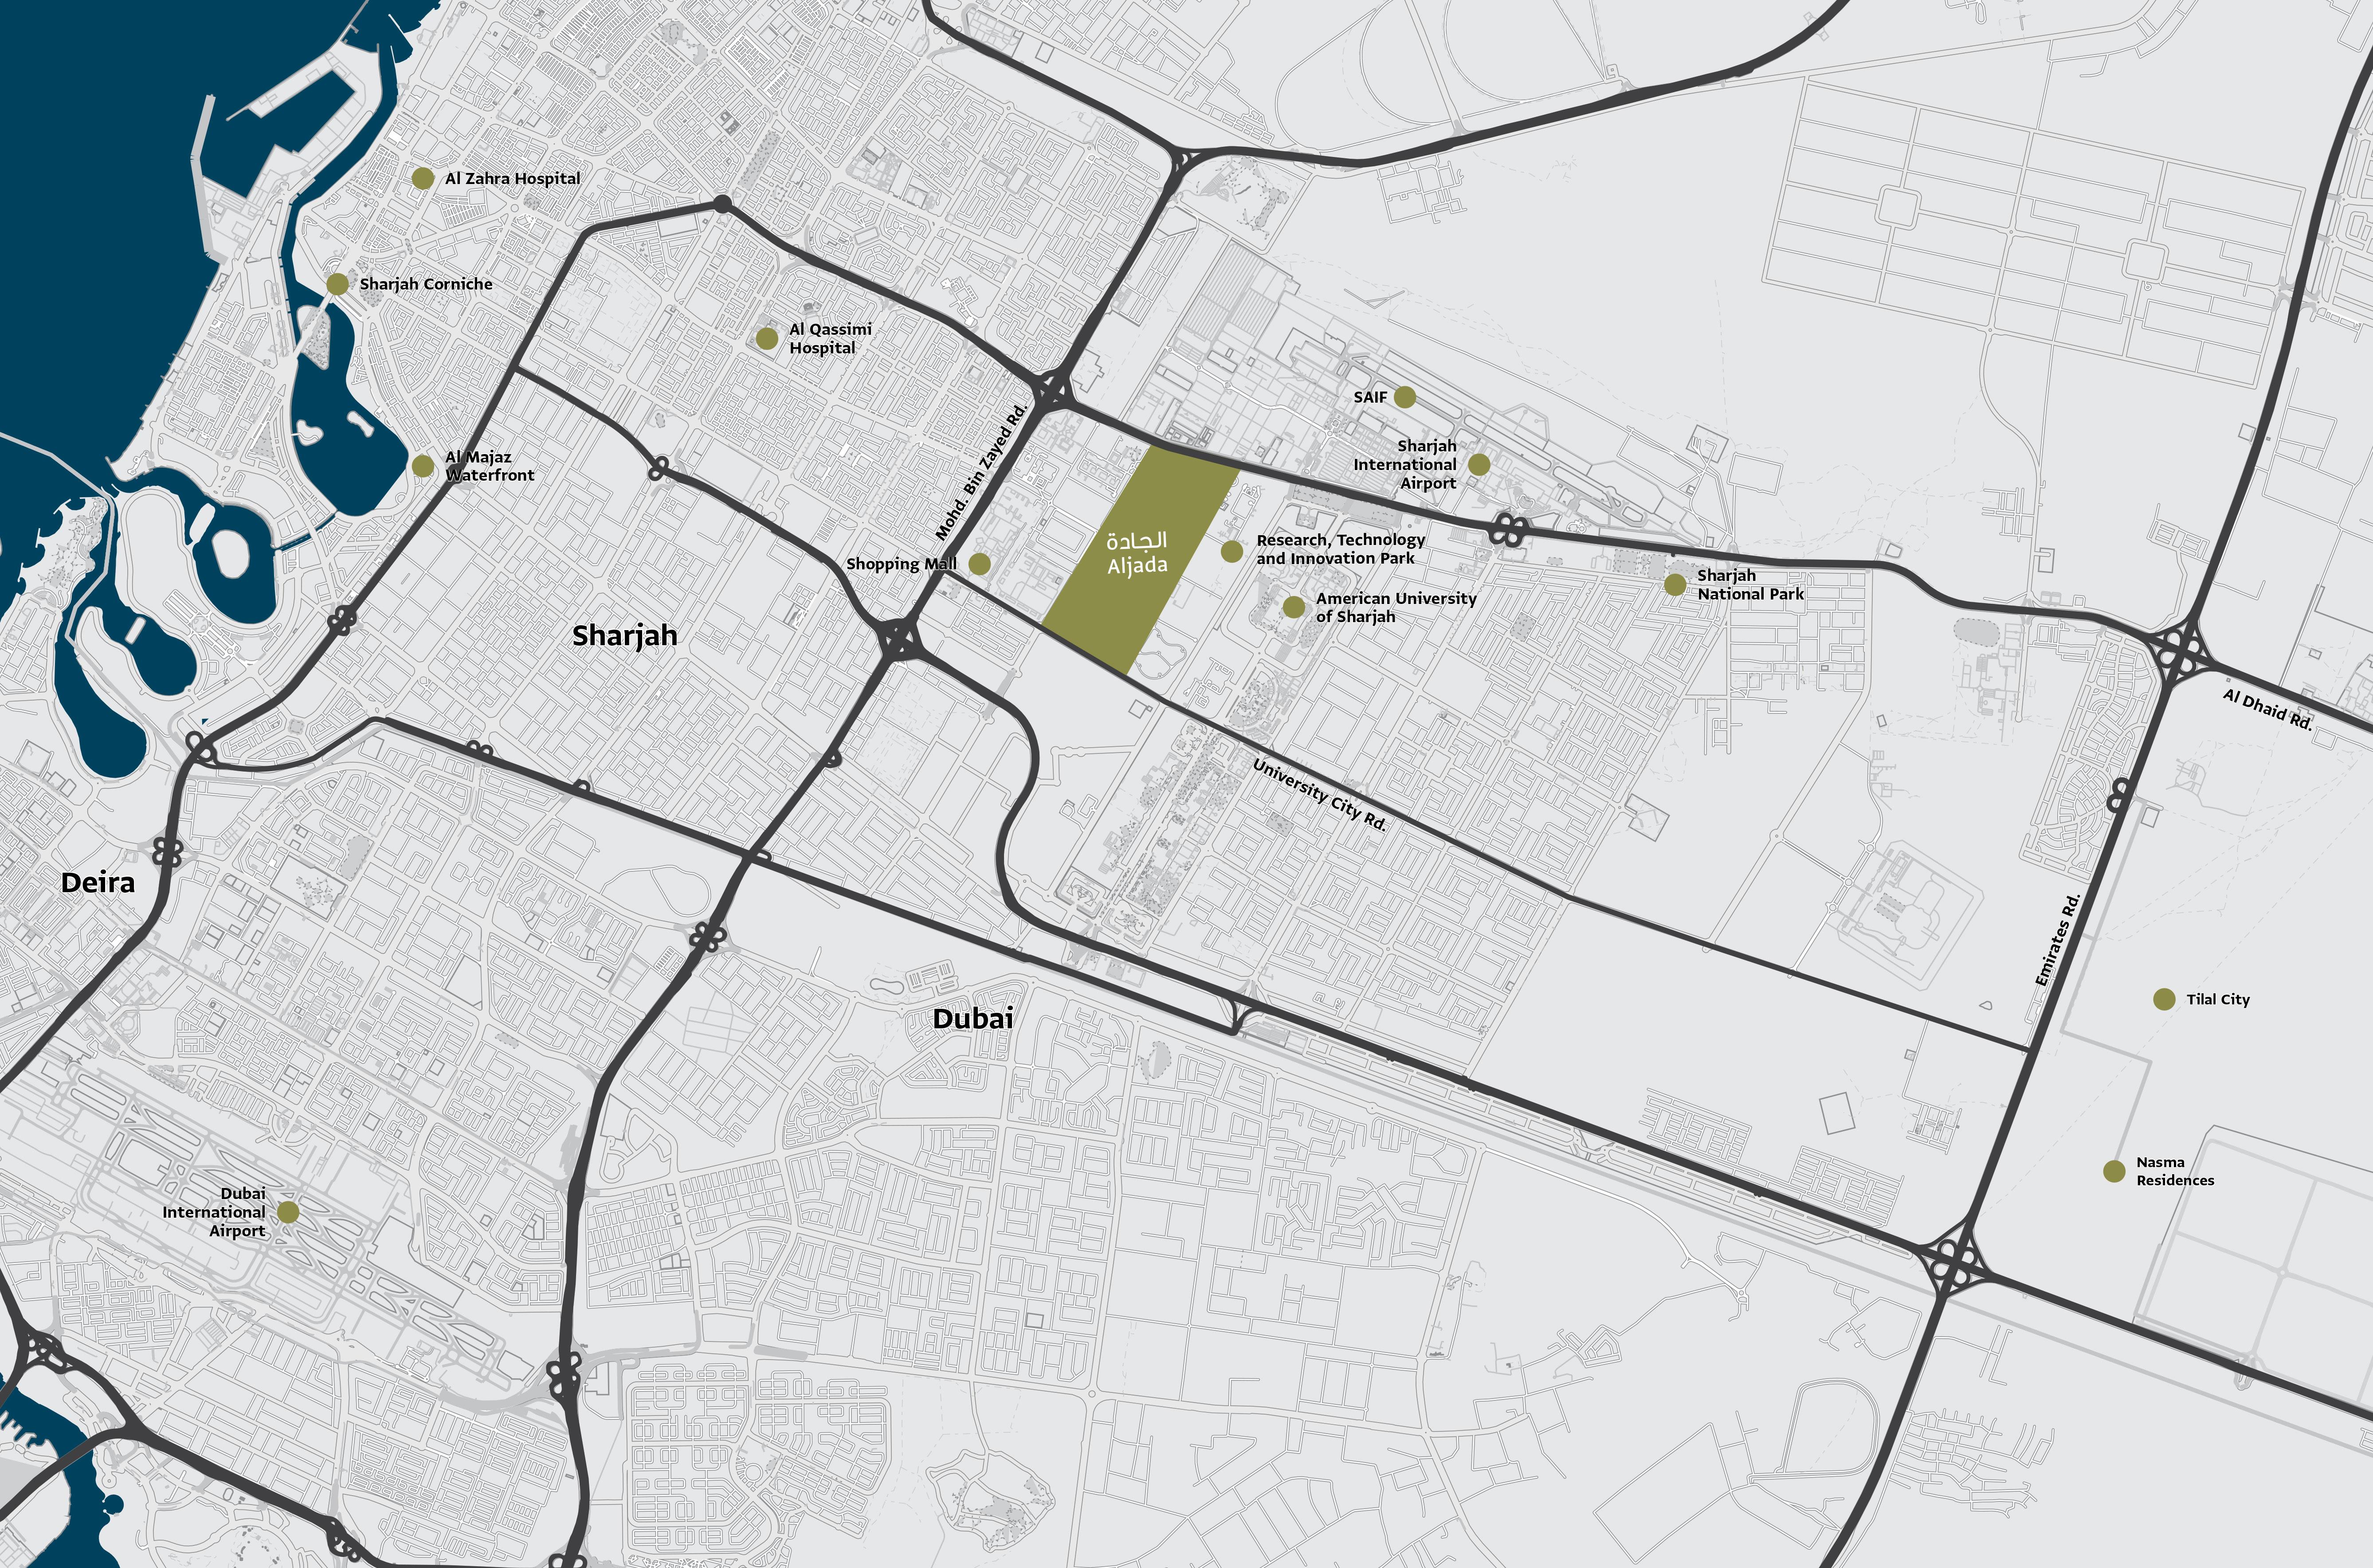 فندق-فيدا خريطة الموقع